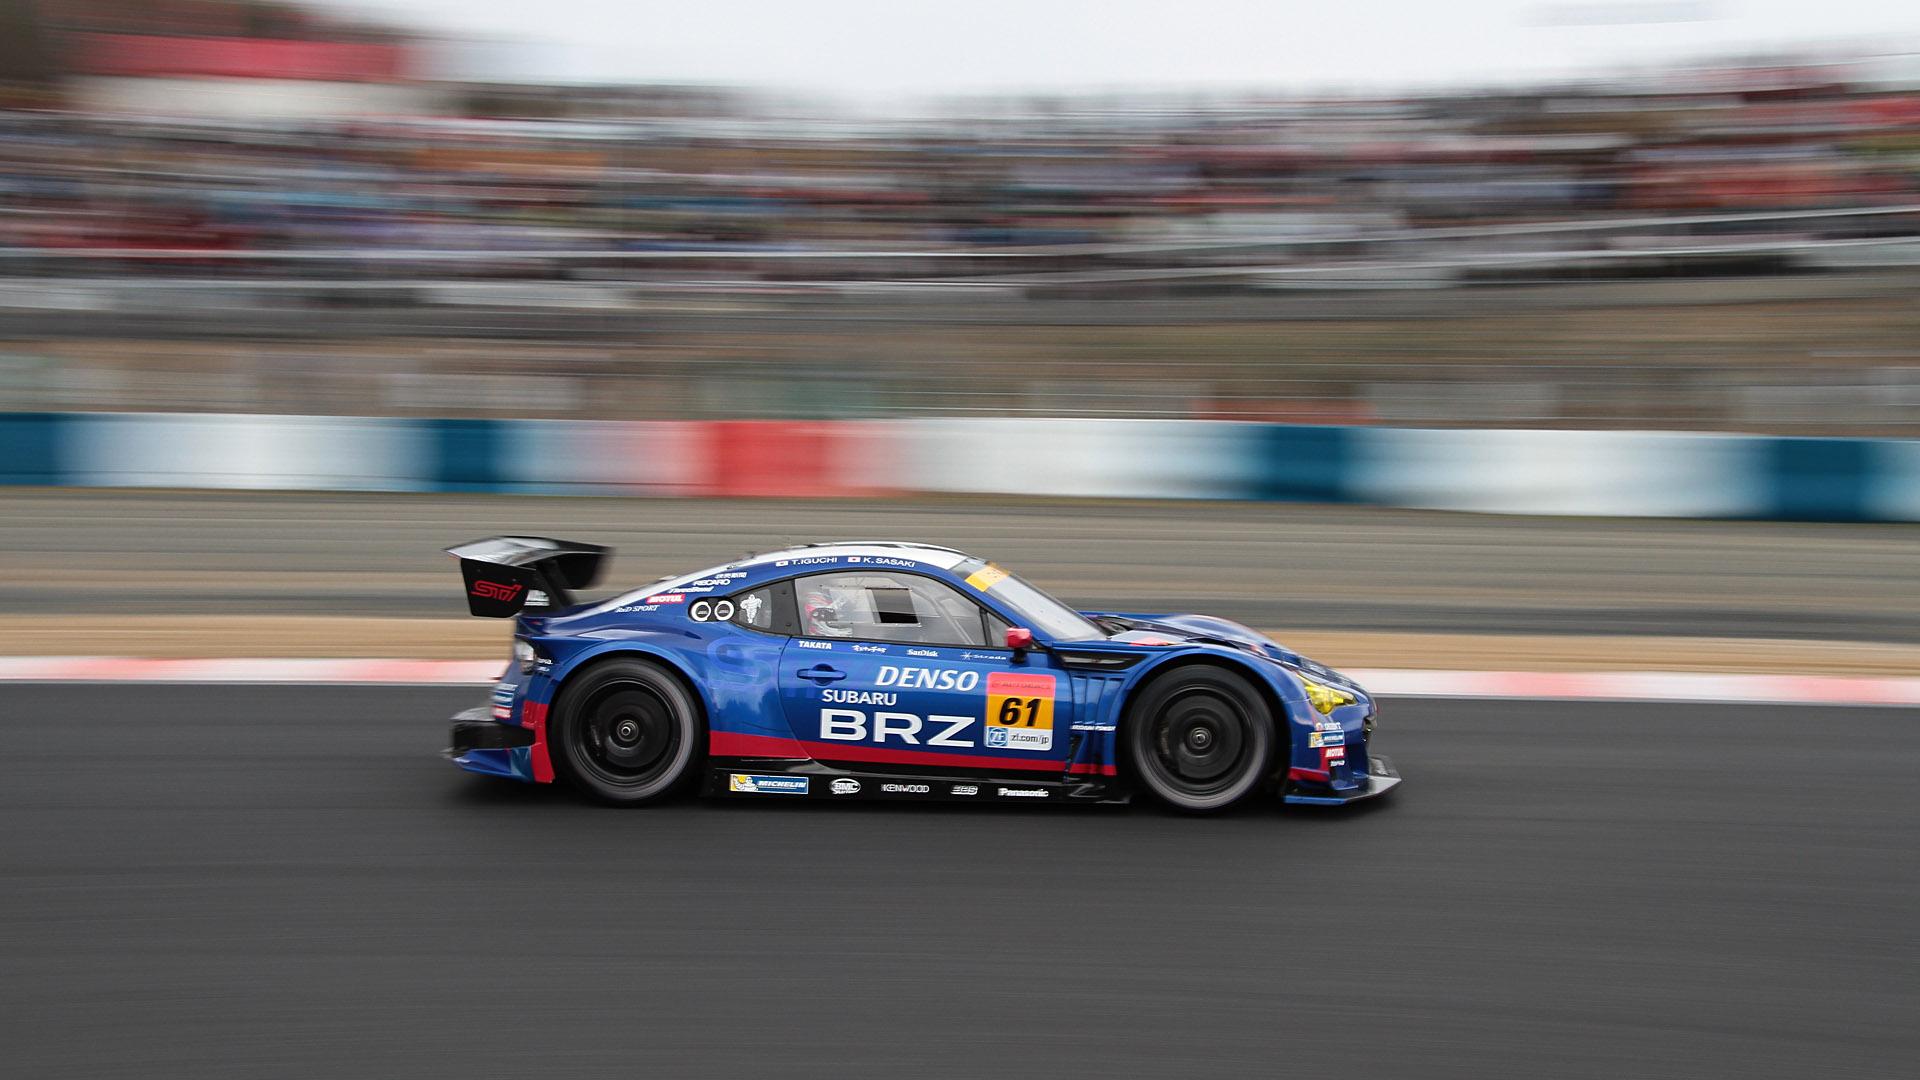 第5戦 富士で優勝したGT300クラスの61号車 SUBARU BRZ R&D SPORT